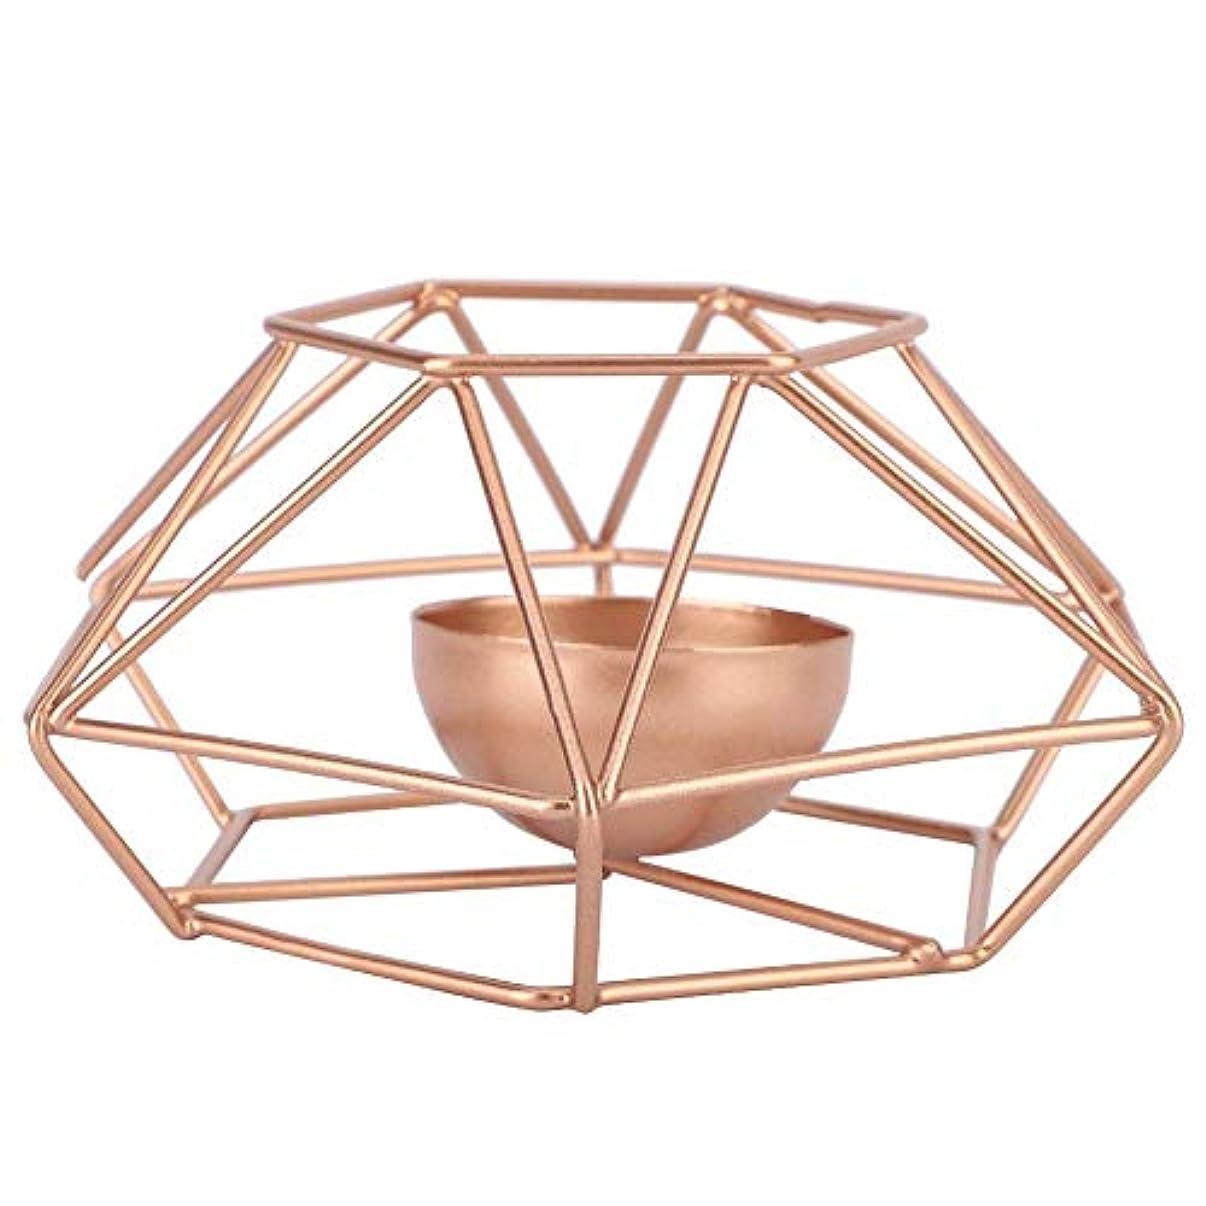 セブン刺しますシリーズ鉄の燭台、現代スタイルの幾何学的な燭台スタンド鉄の蝋燭ホールダー金家の装飾飾り